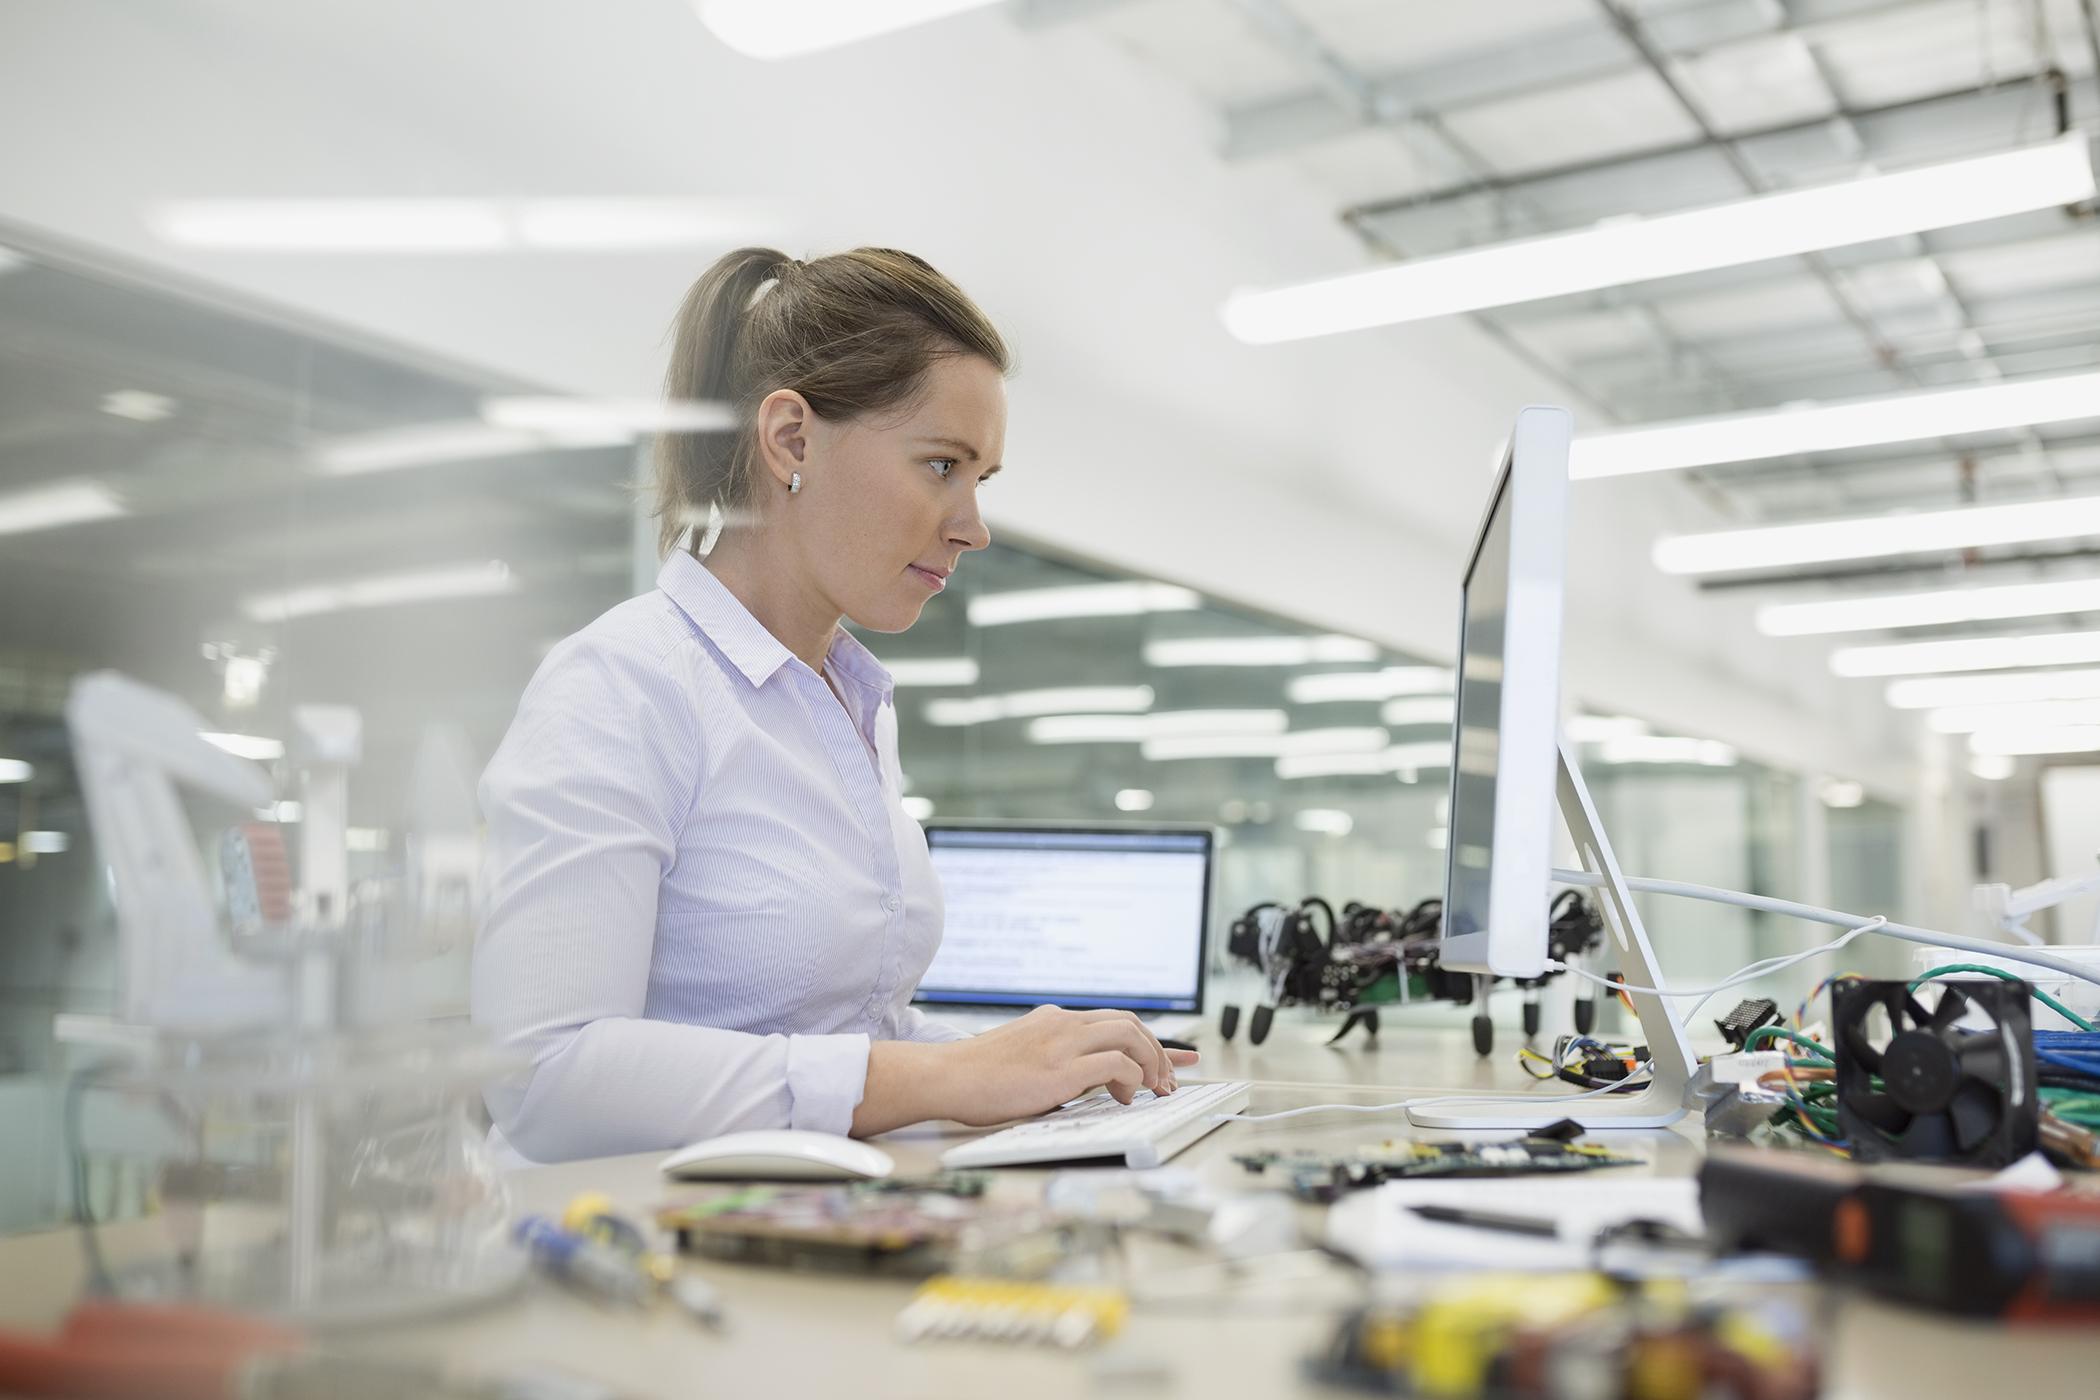 Worker at tech desk